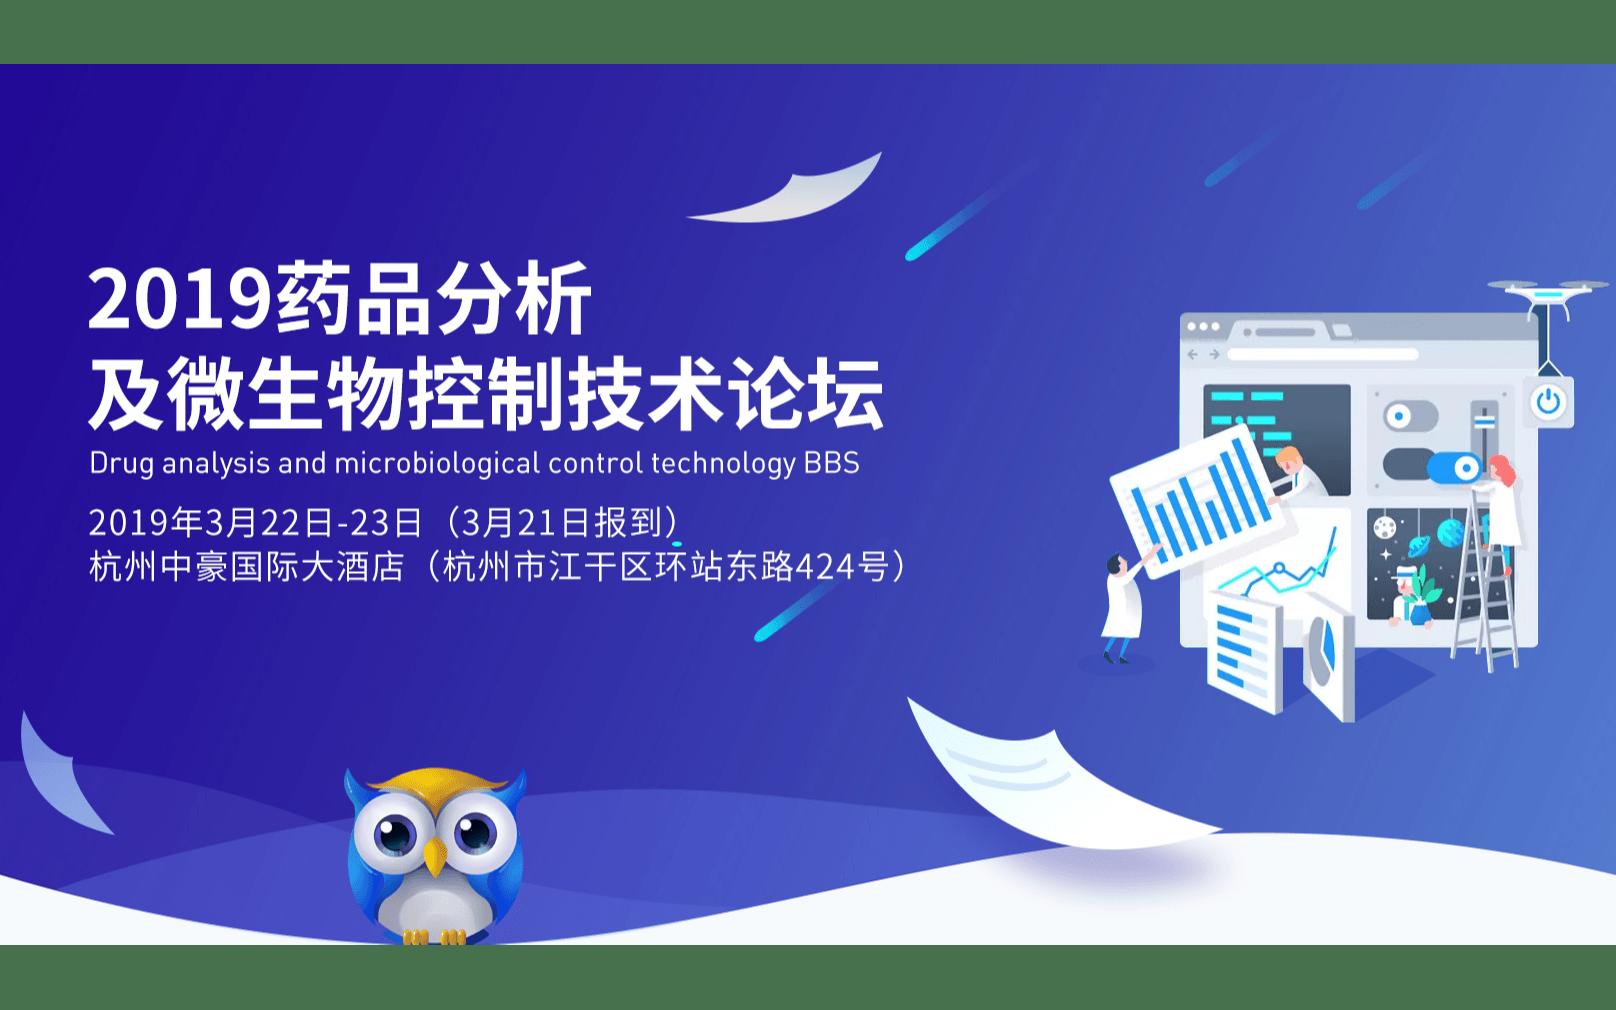 2019药品分析及微生物控制技术论坛(杭州)